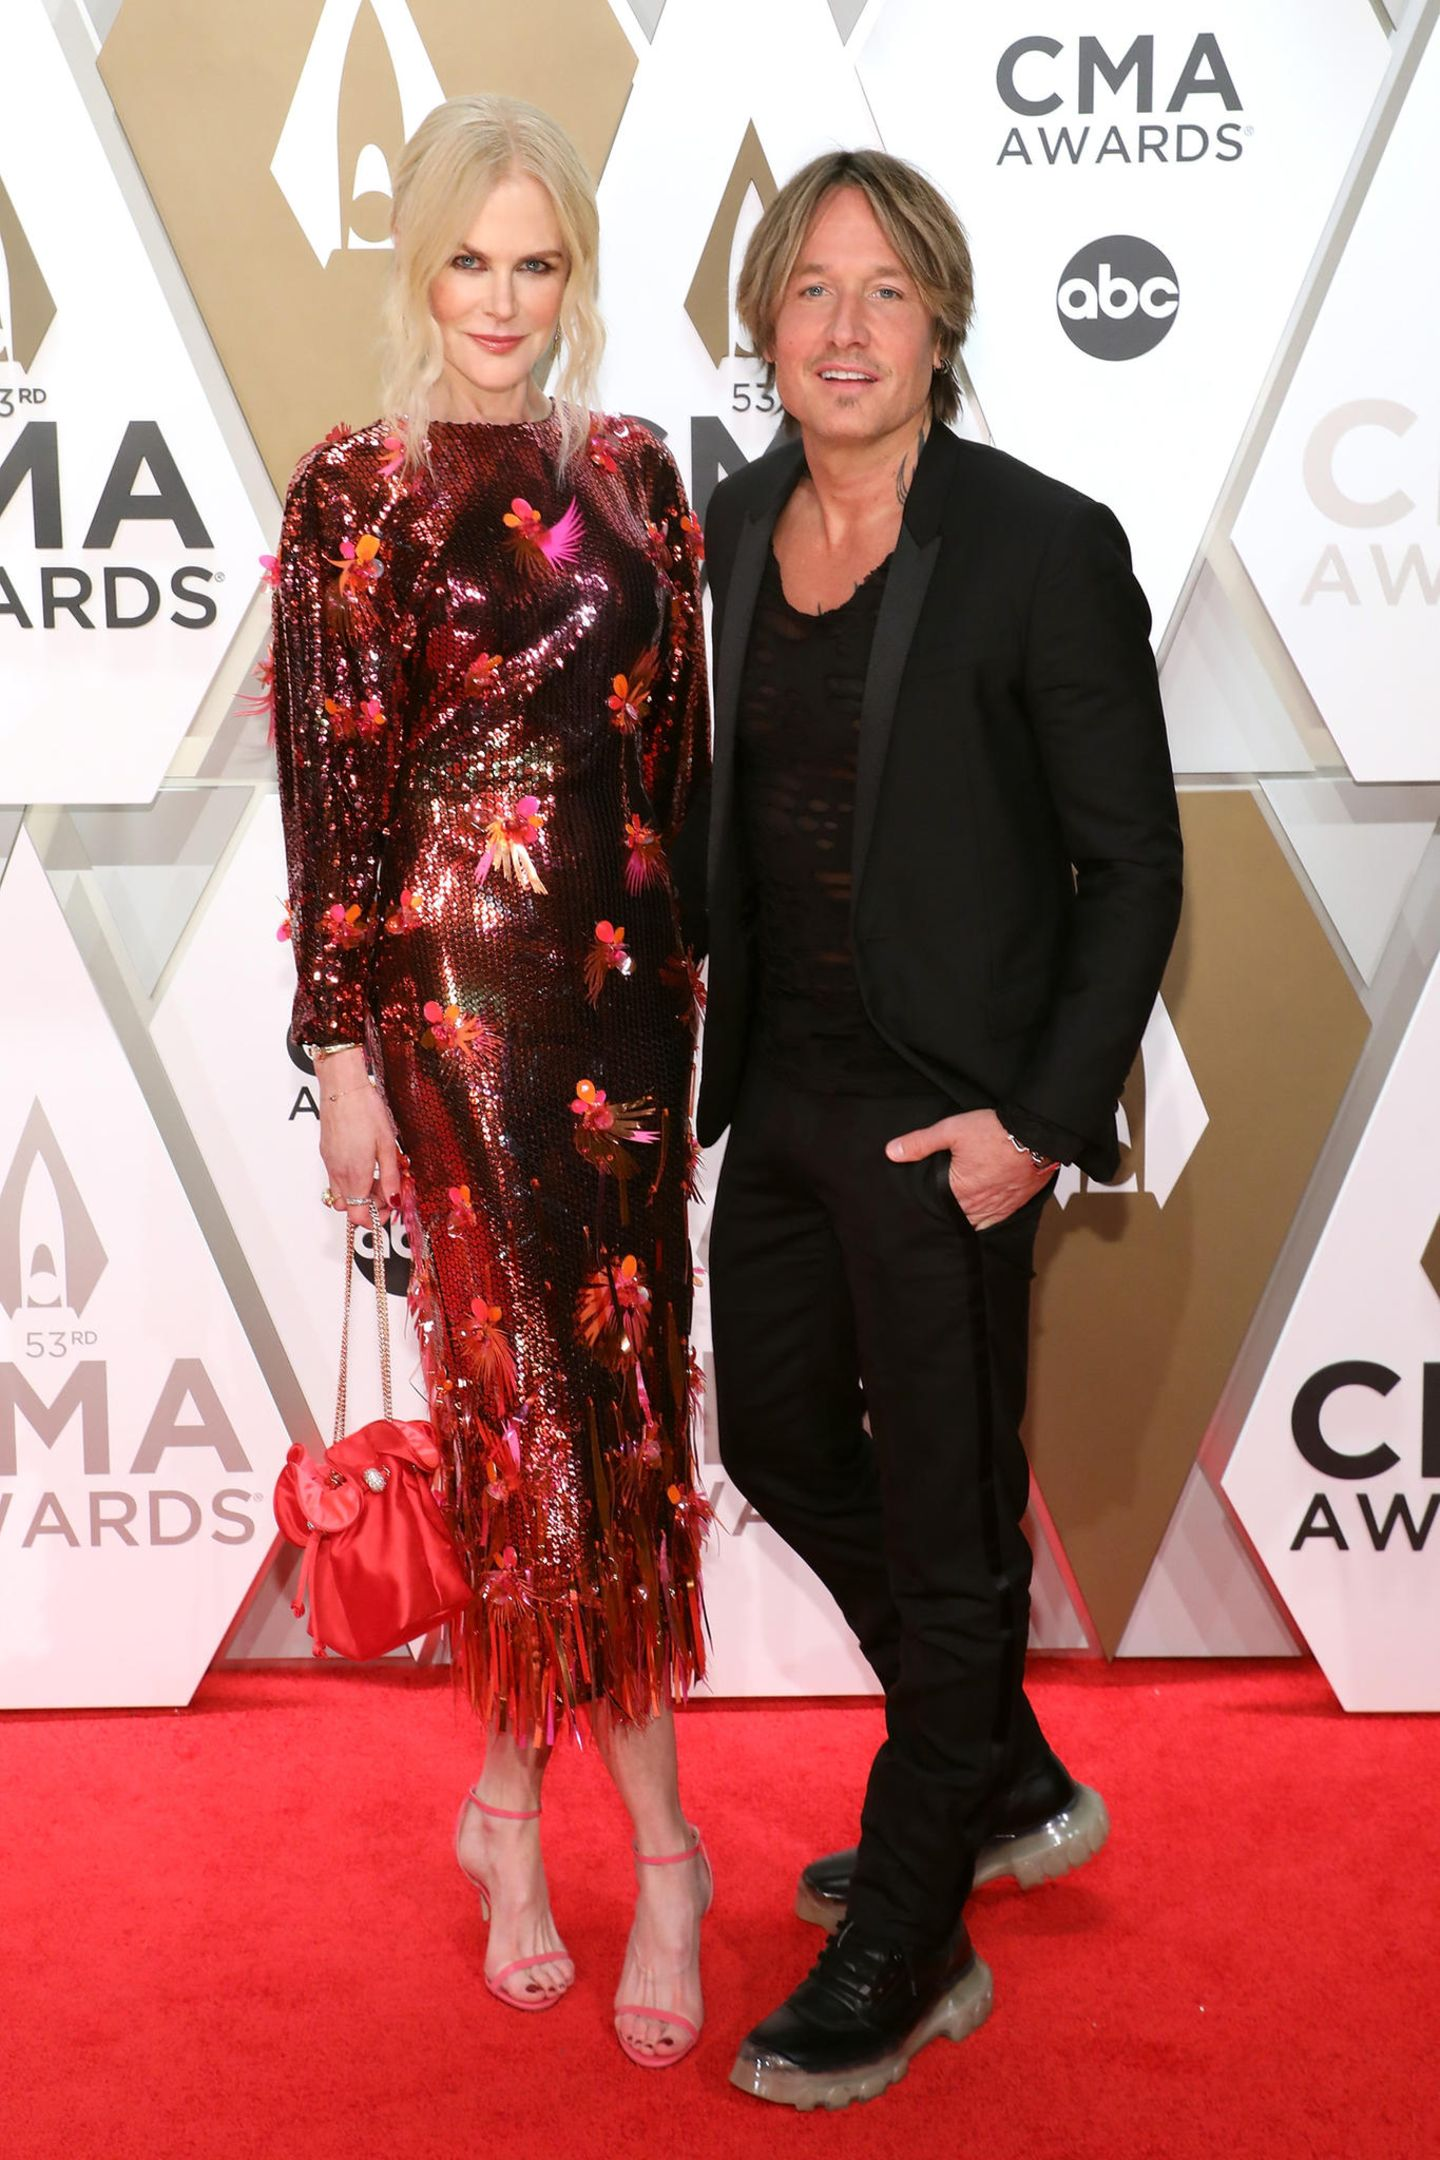 Sänger Keith Urban kam in Begleitung seiner schönen Frau Nicole Kidman, welche sich für ein rotorange schillerndes Paillettenkleid entschied. Die leicht gewellten Haare wurden zum lockern Dutt hochgebunden und eine Satin-Bucket-Bag und zierliche Riemchensandalen rundeten den Look gekonnt ab. Keith Urban hingegen entschied sich für einen schlichteren All-Black-Look und trug ein schwarzes Shirt zum Anzug.